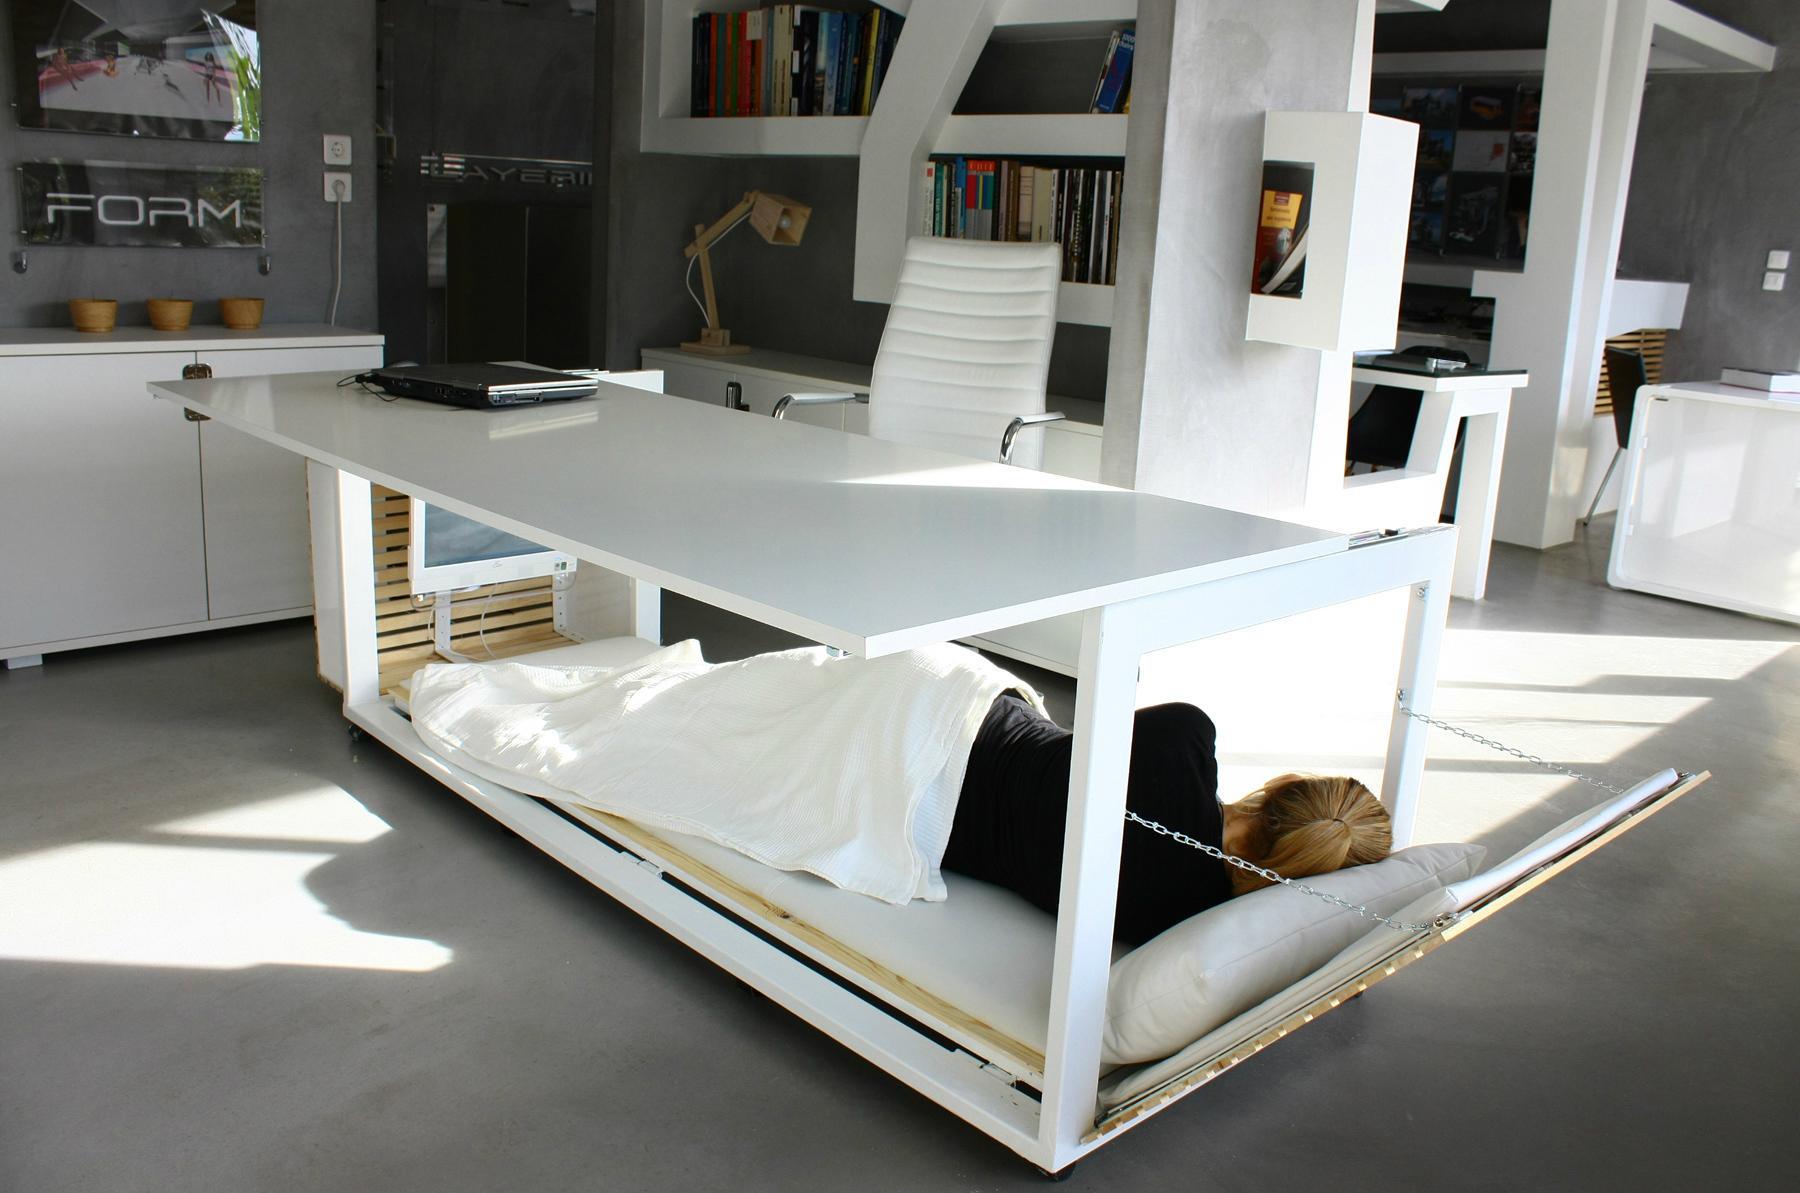 nap-desk-cover-1551126924525-1551126926970.jpg